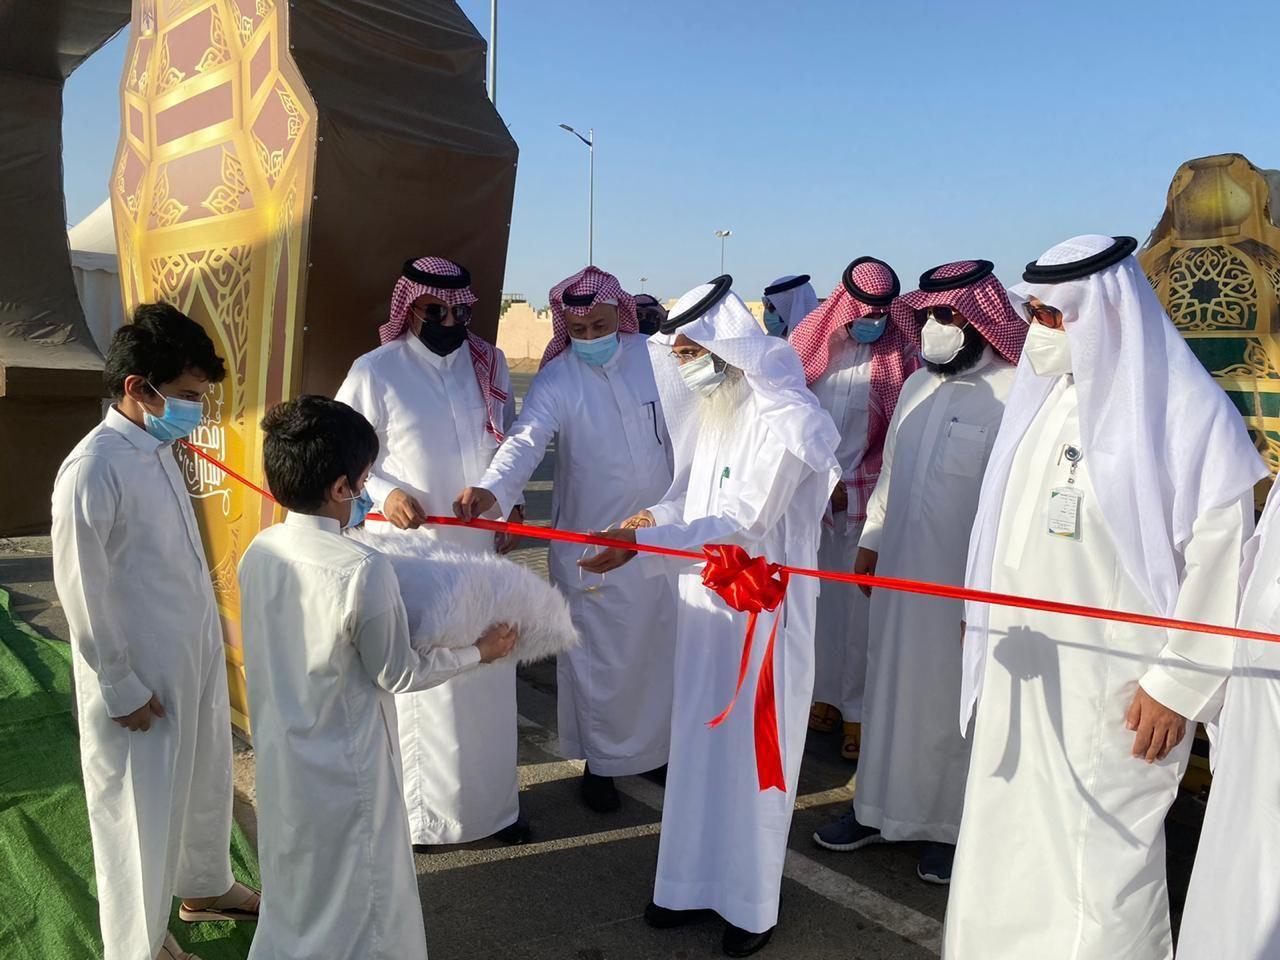 بلدية بيشة: افتتاح السوق الرمضاني بمشاركة جهات حكومية و٩٠ أسرة منتجة